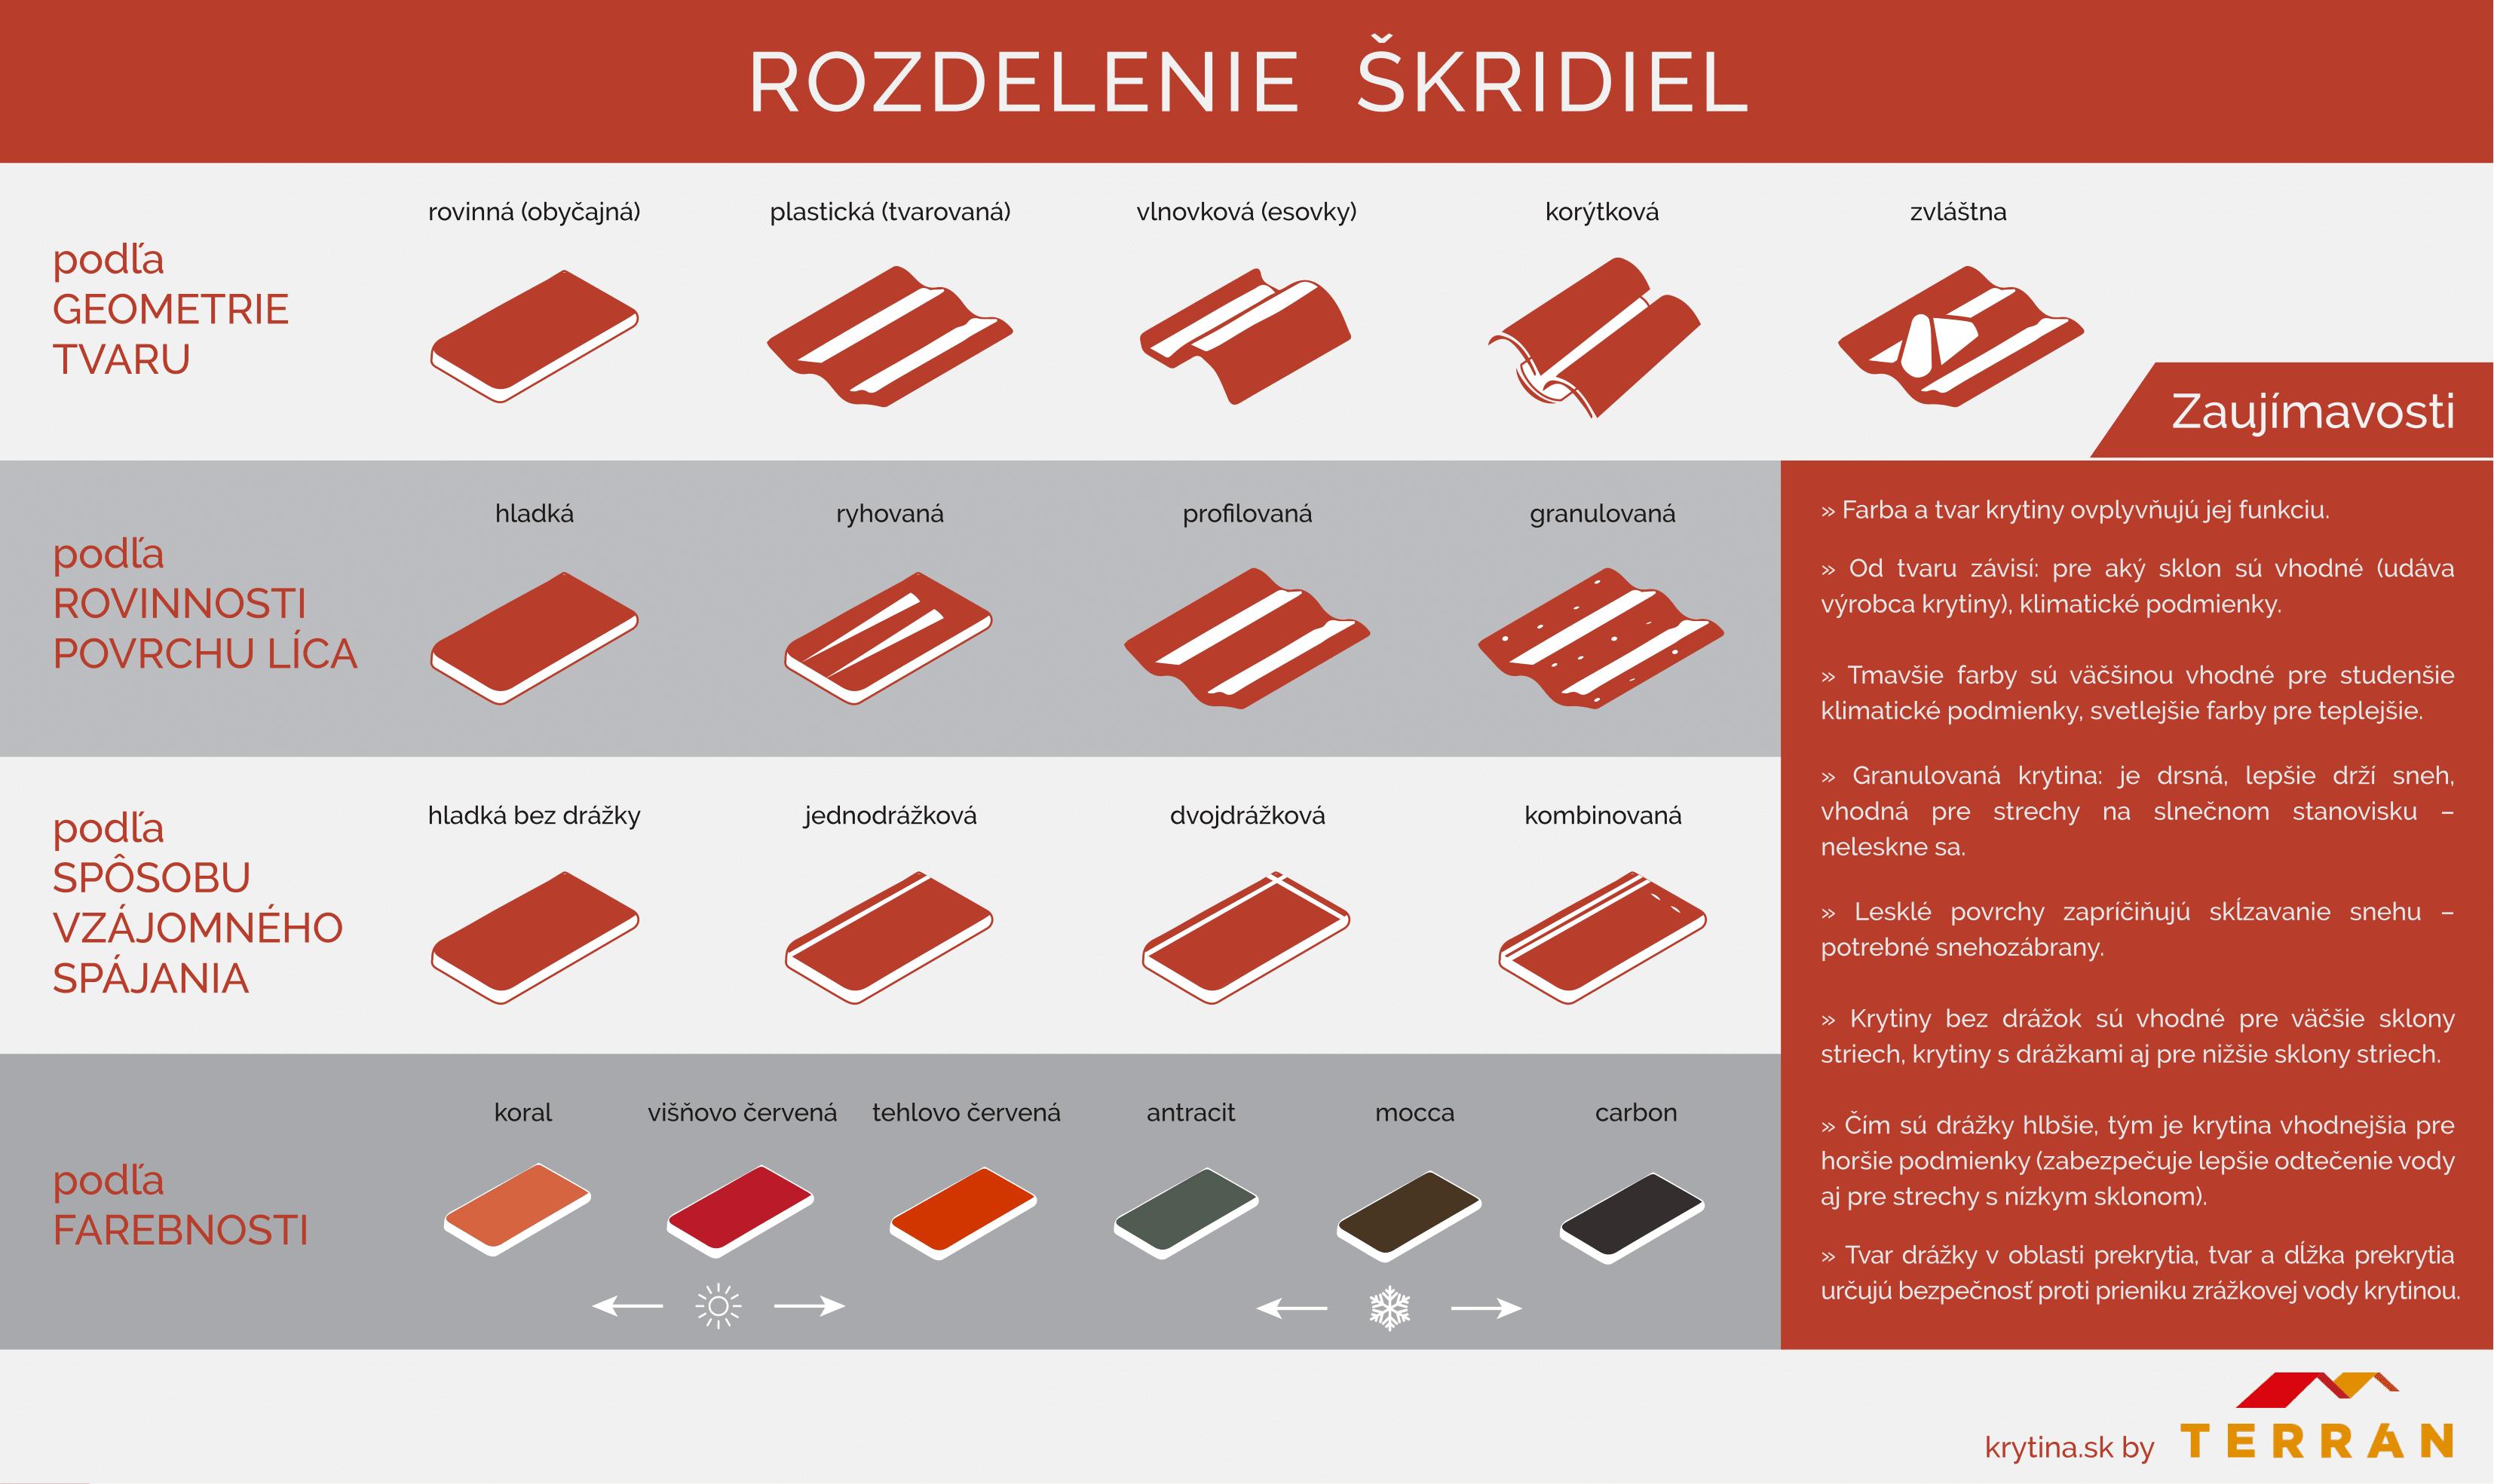 Rozdelenie škridiel podľa tvaru a farebnosti